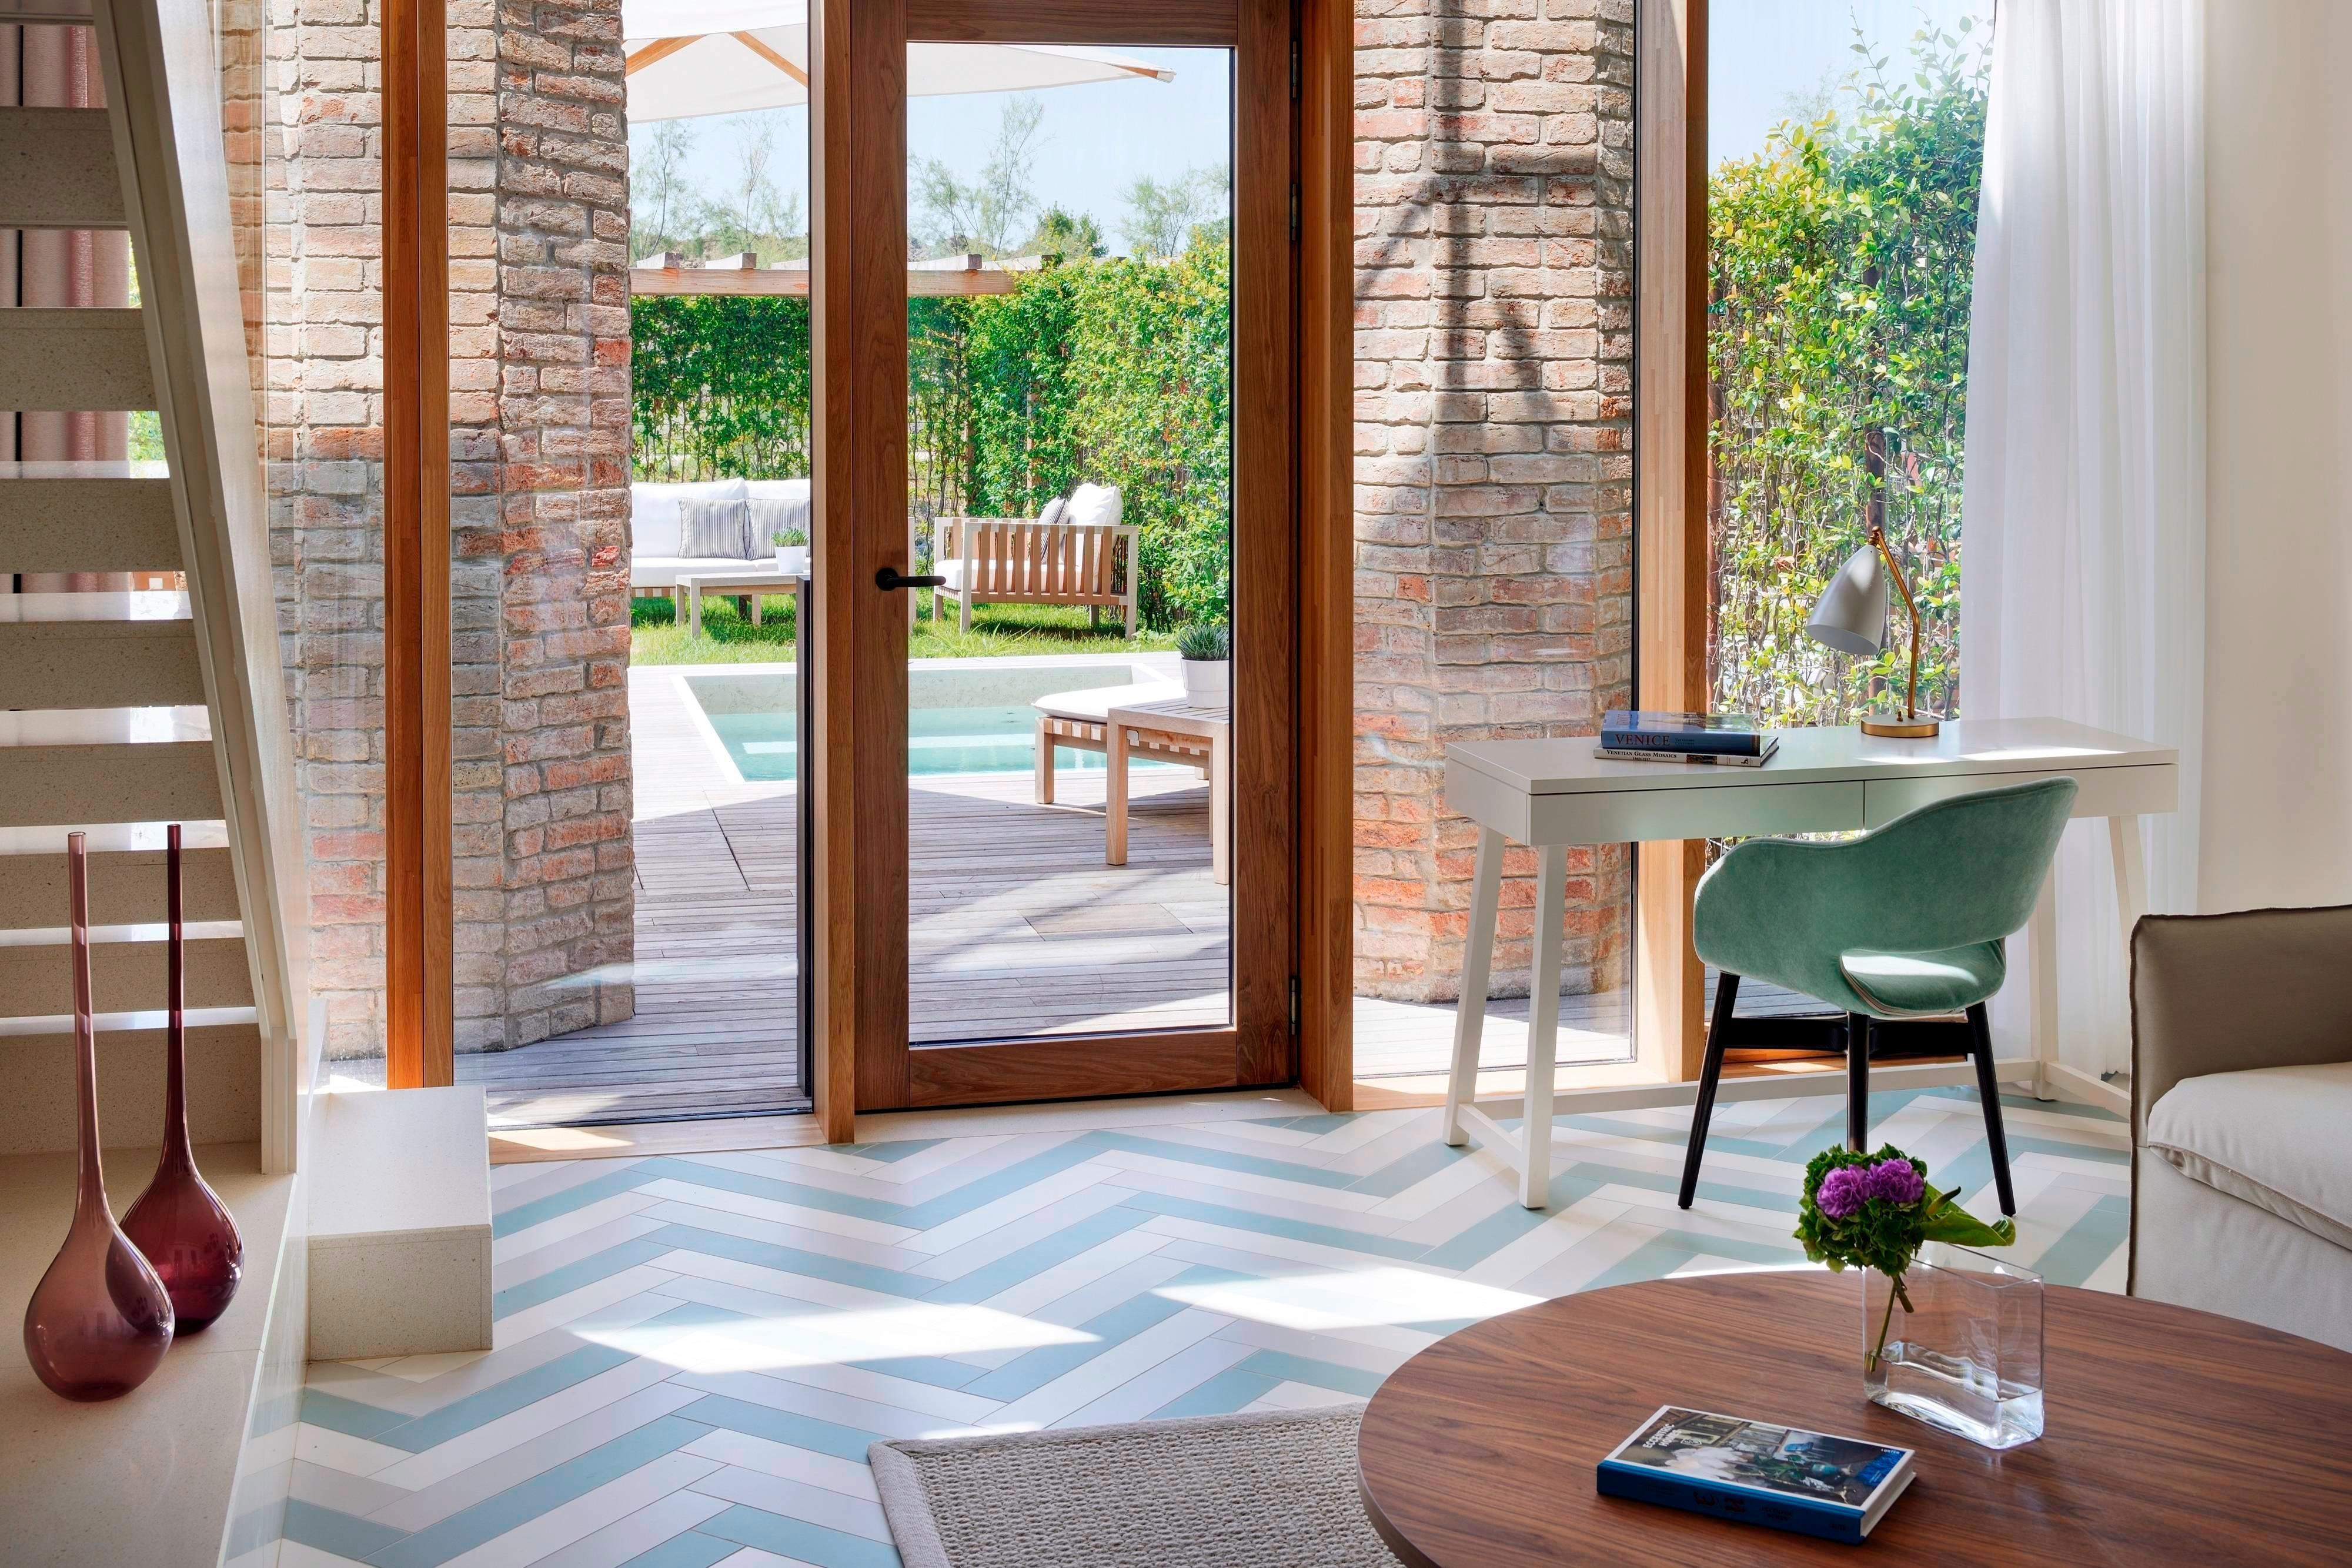 luxushotel in venedig luxus suiten venedig jw marriott. Black Bedroom Furniture Sets. Home Design Ideas